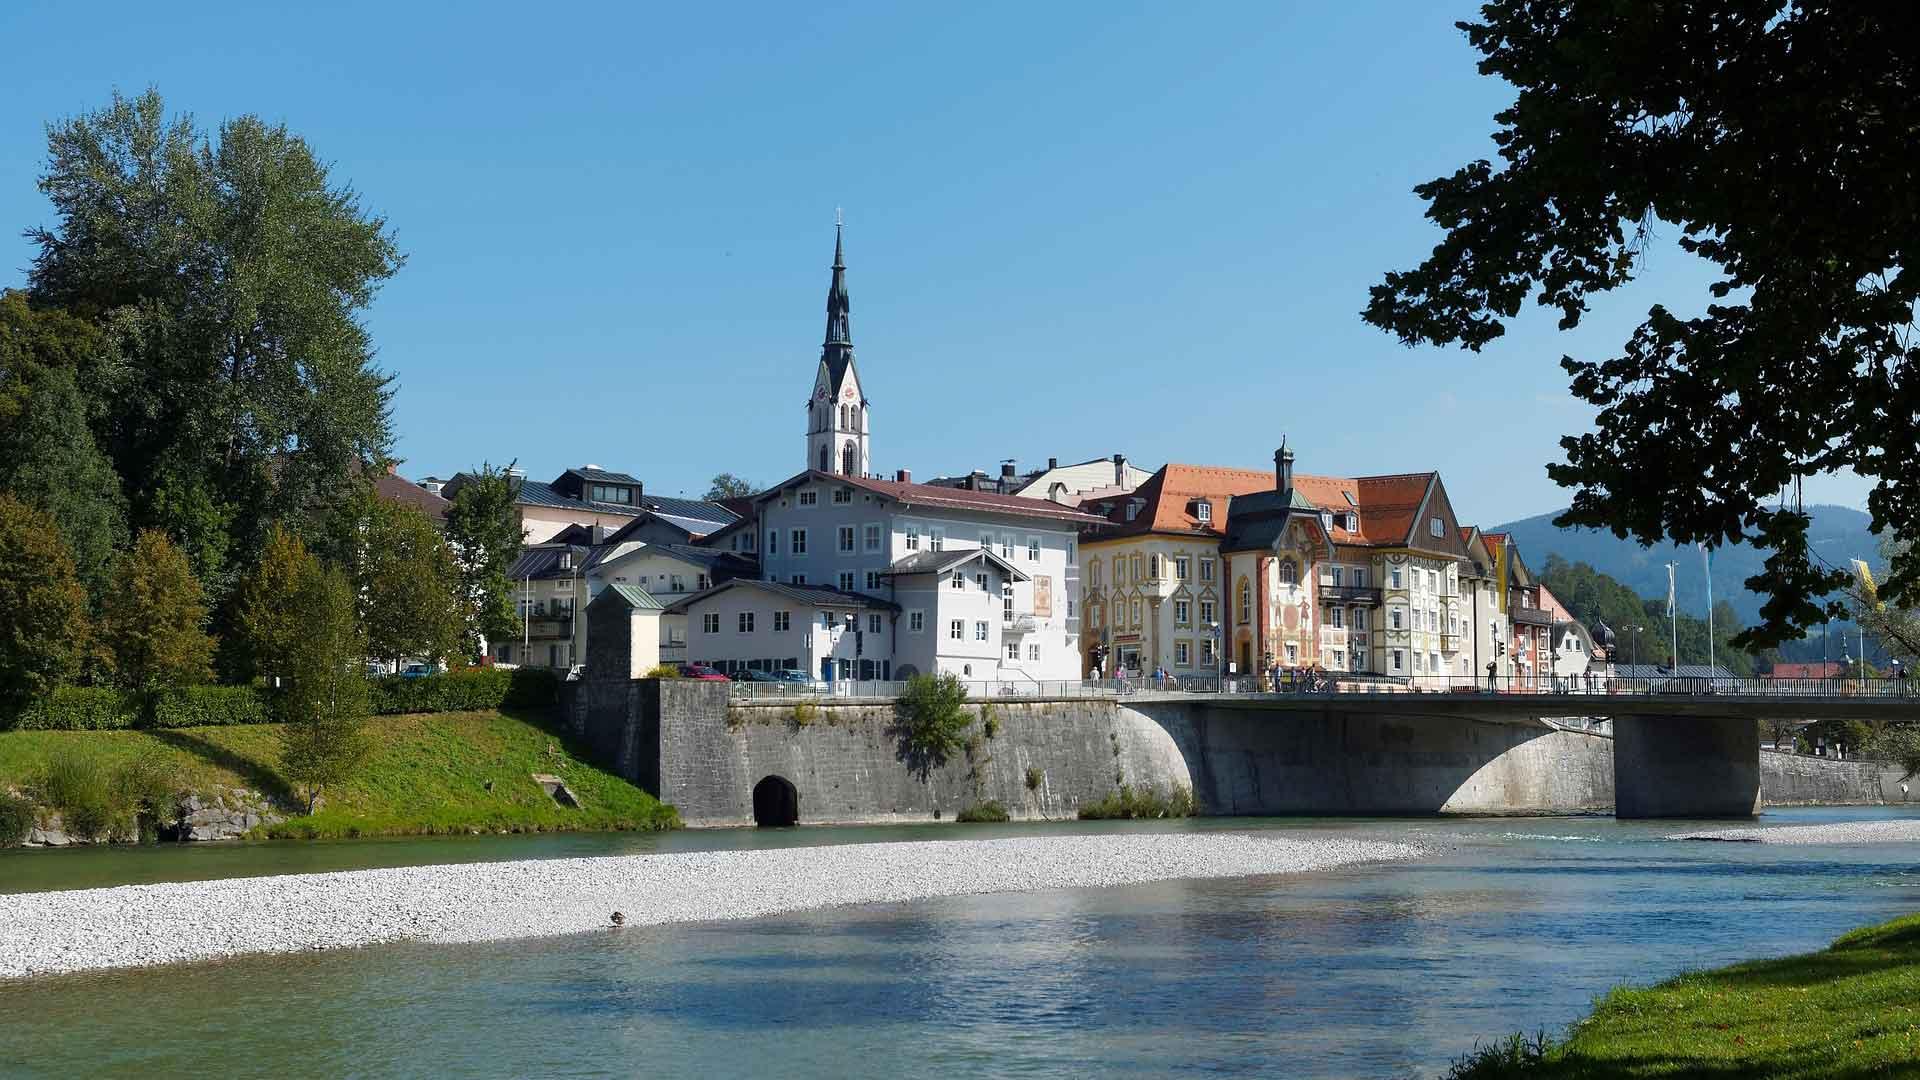 Bad Tölz ligt prachtig aan de Isar.